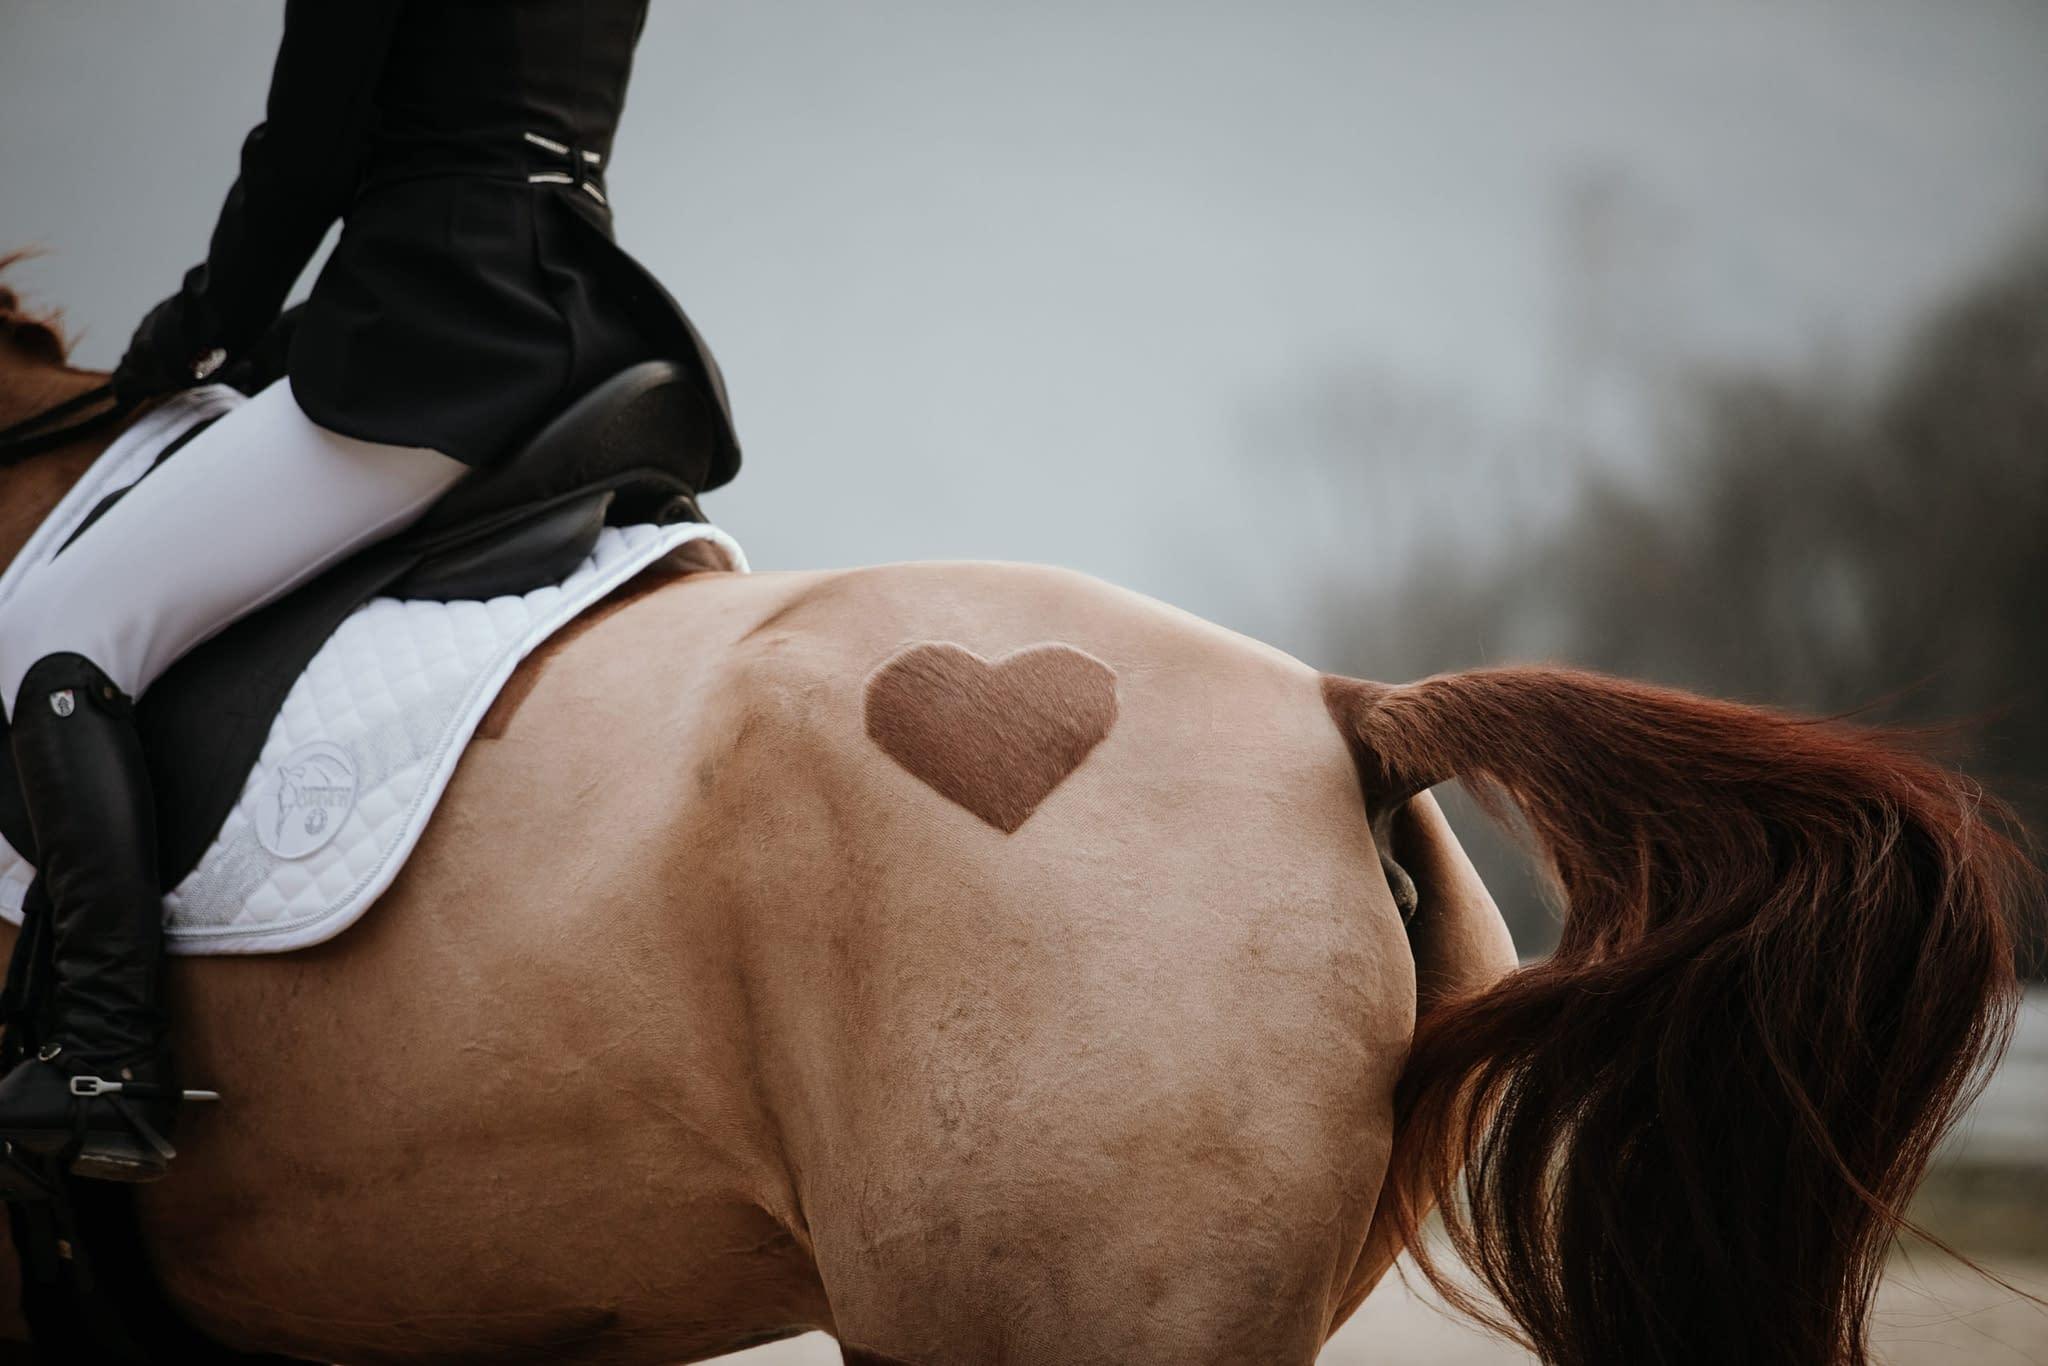 détail coeur tondu sur la croupe